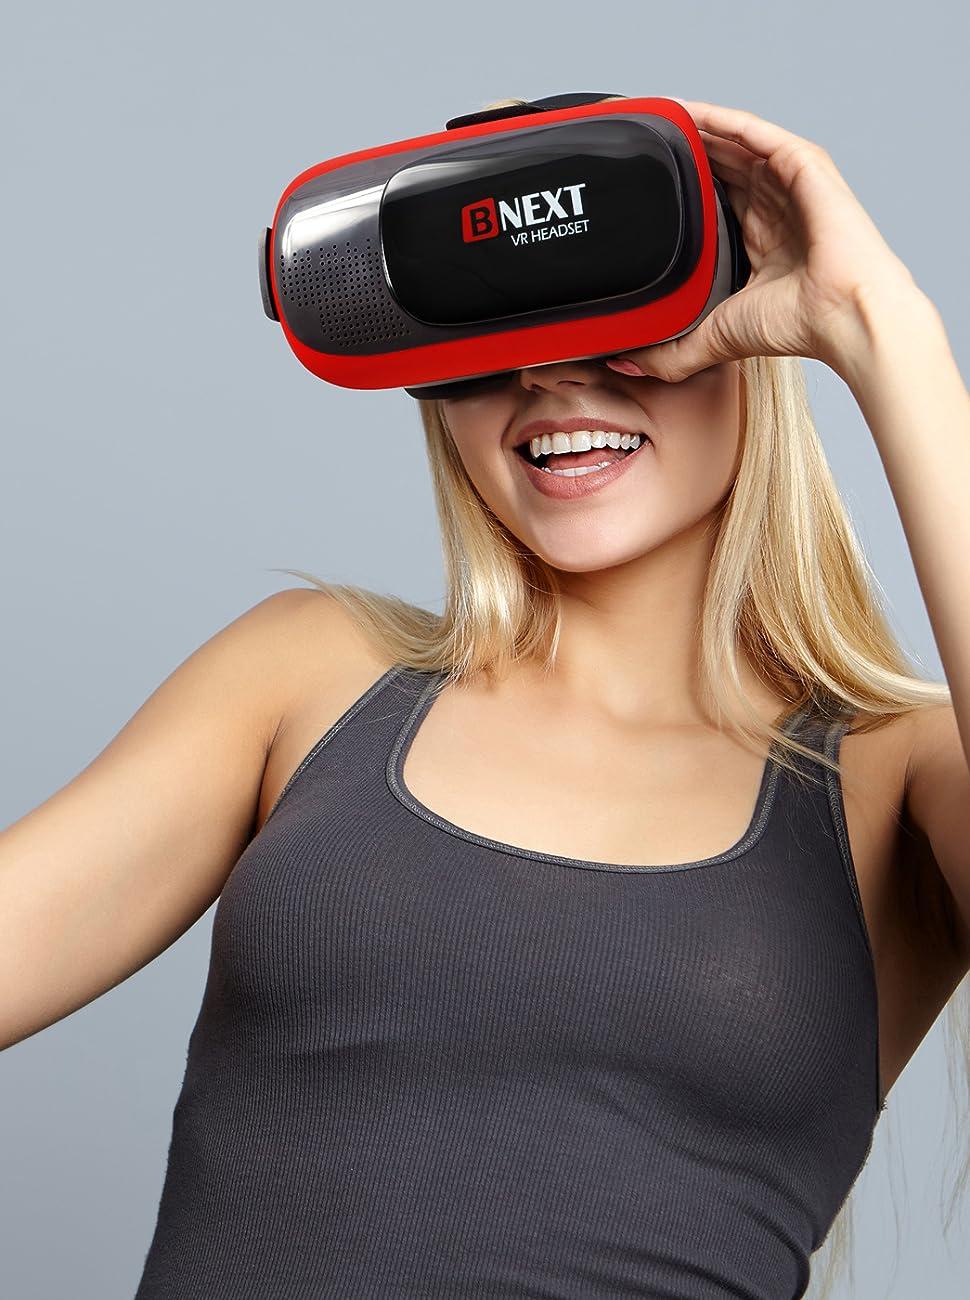 Bnext VR Headset - V02